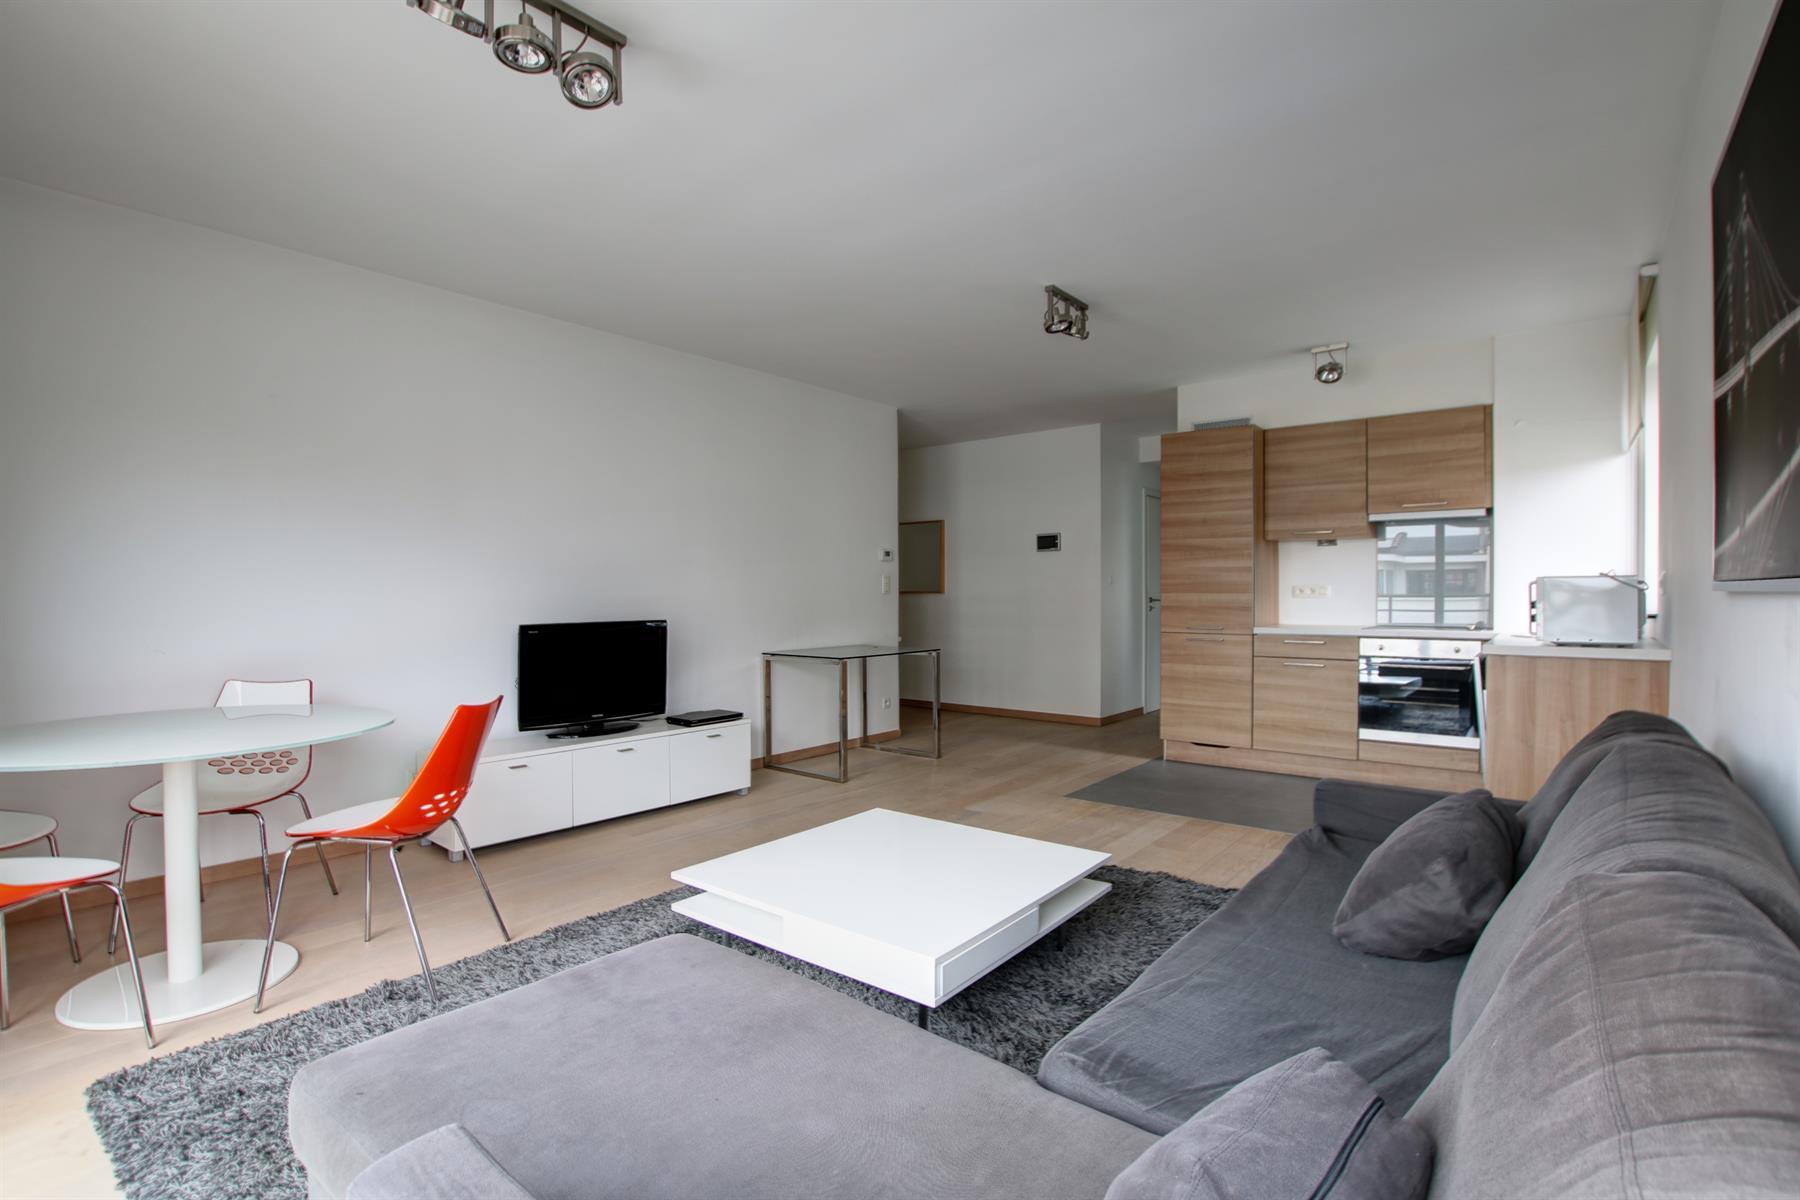 Appartement - Ixelles - #4251196-4